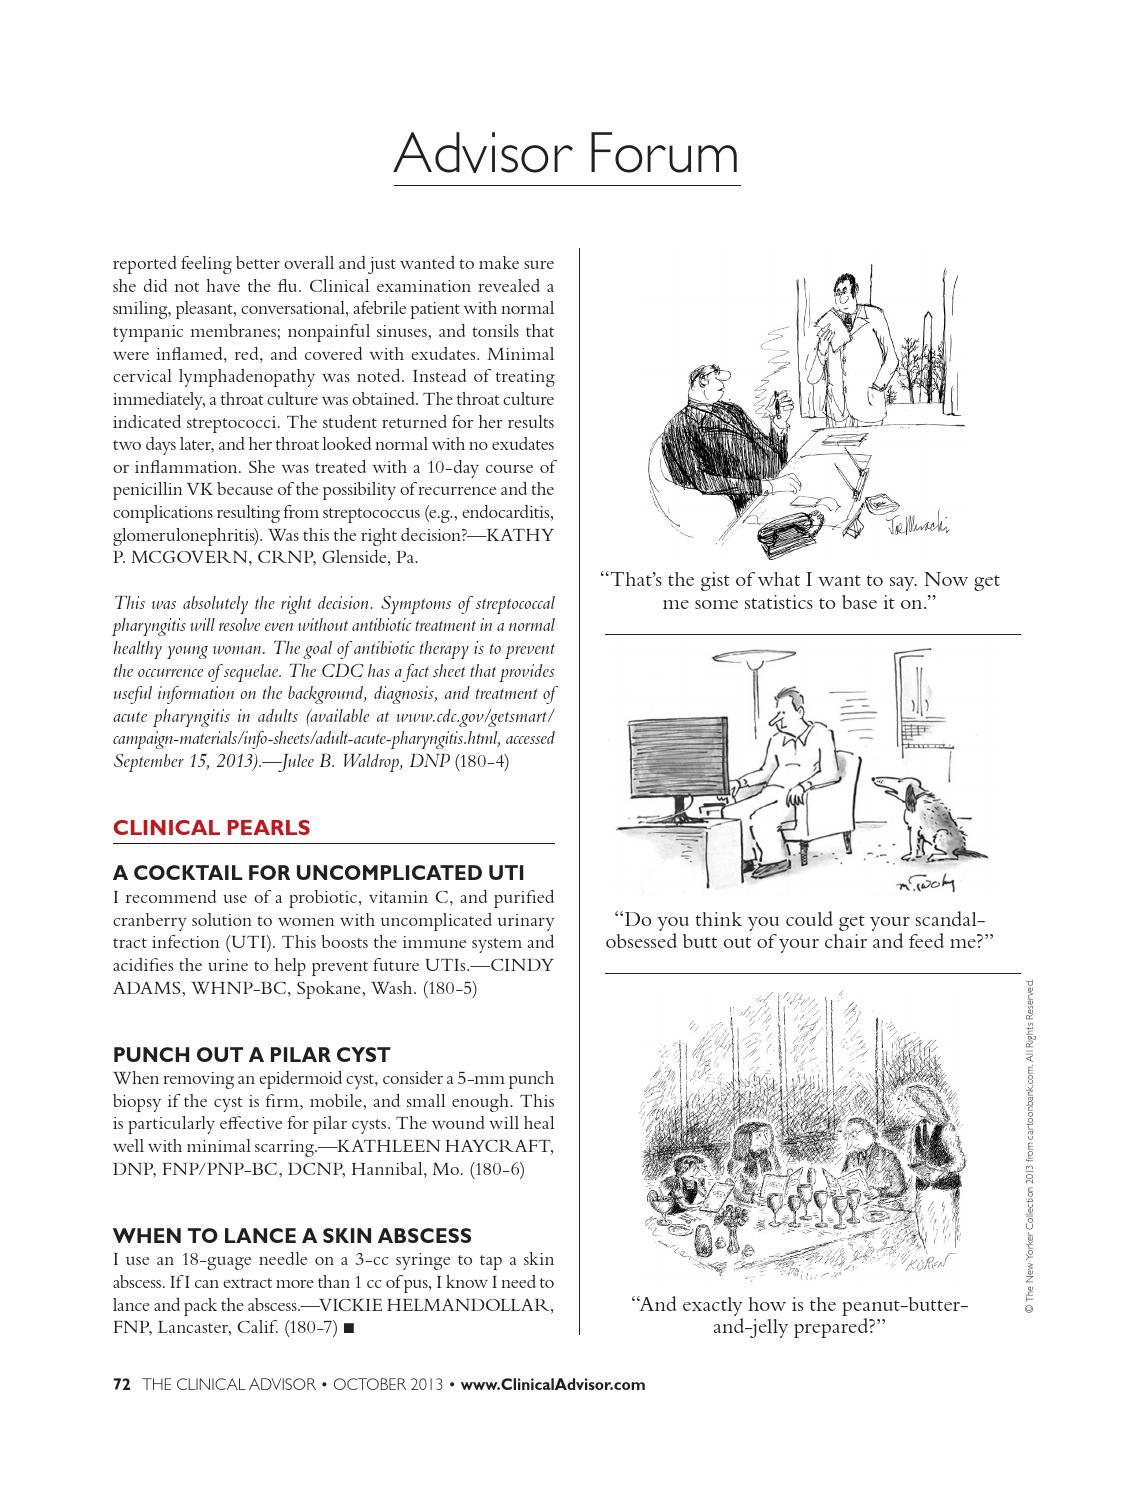 October 2013 Clinical Advisor by The Clinical Advisor - issuu